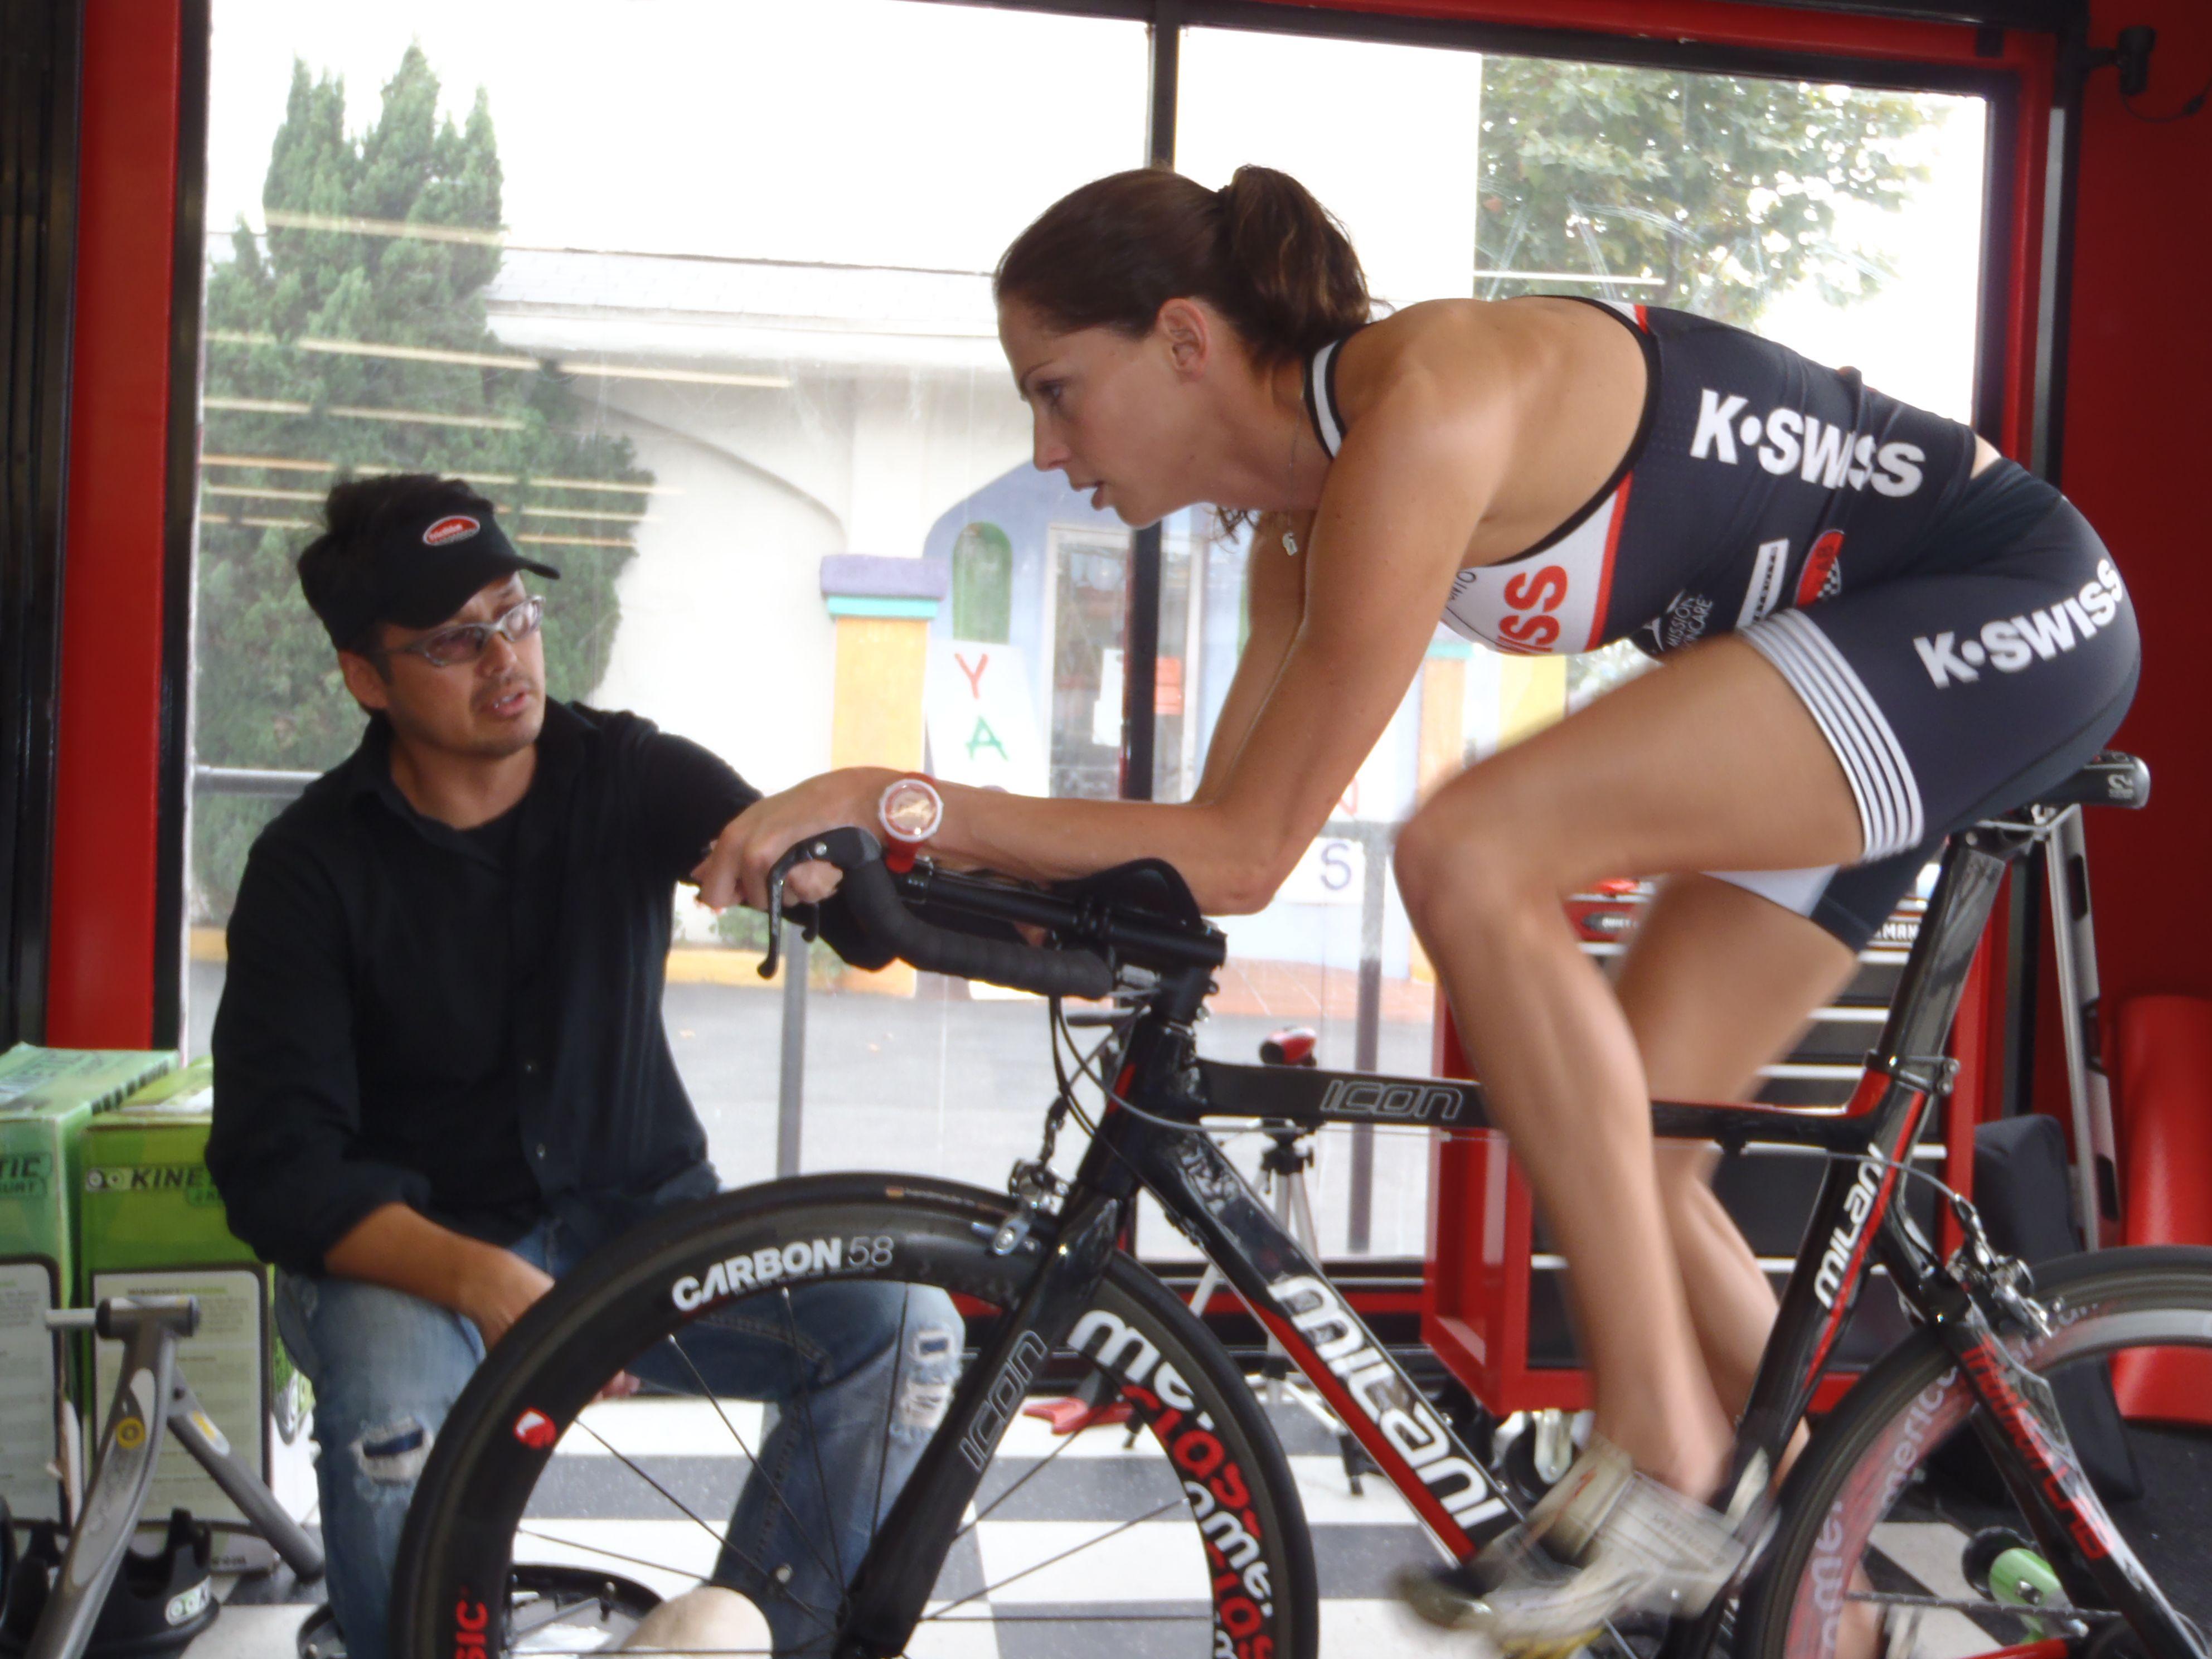 Lloyd Taylor owner of Triathlon LAB fitting professional